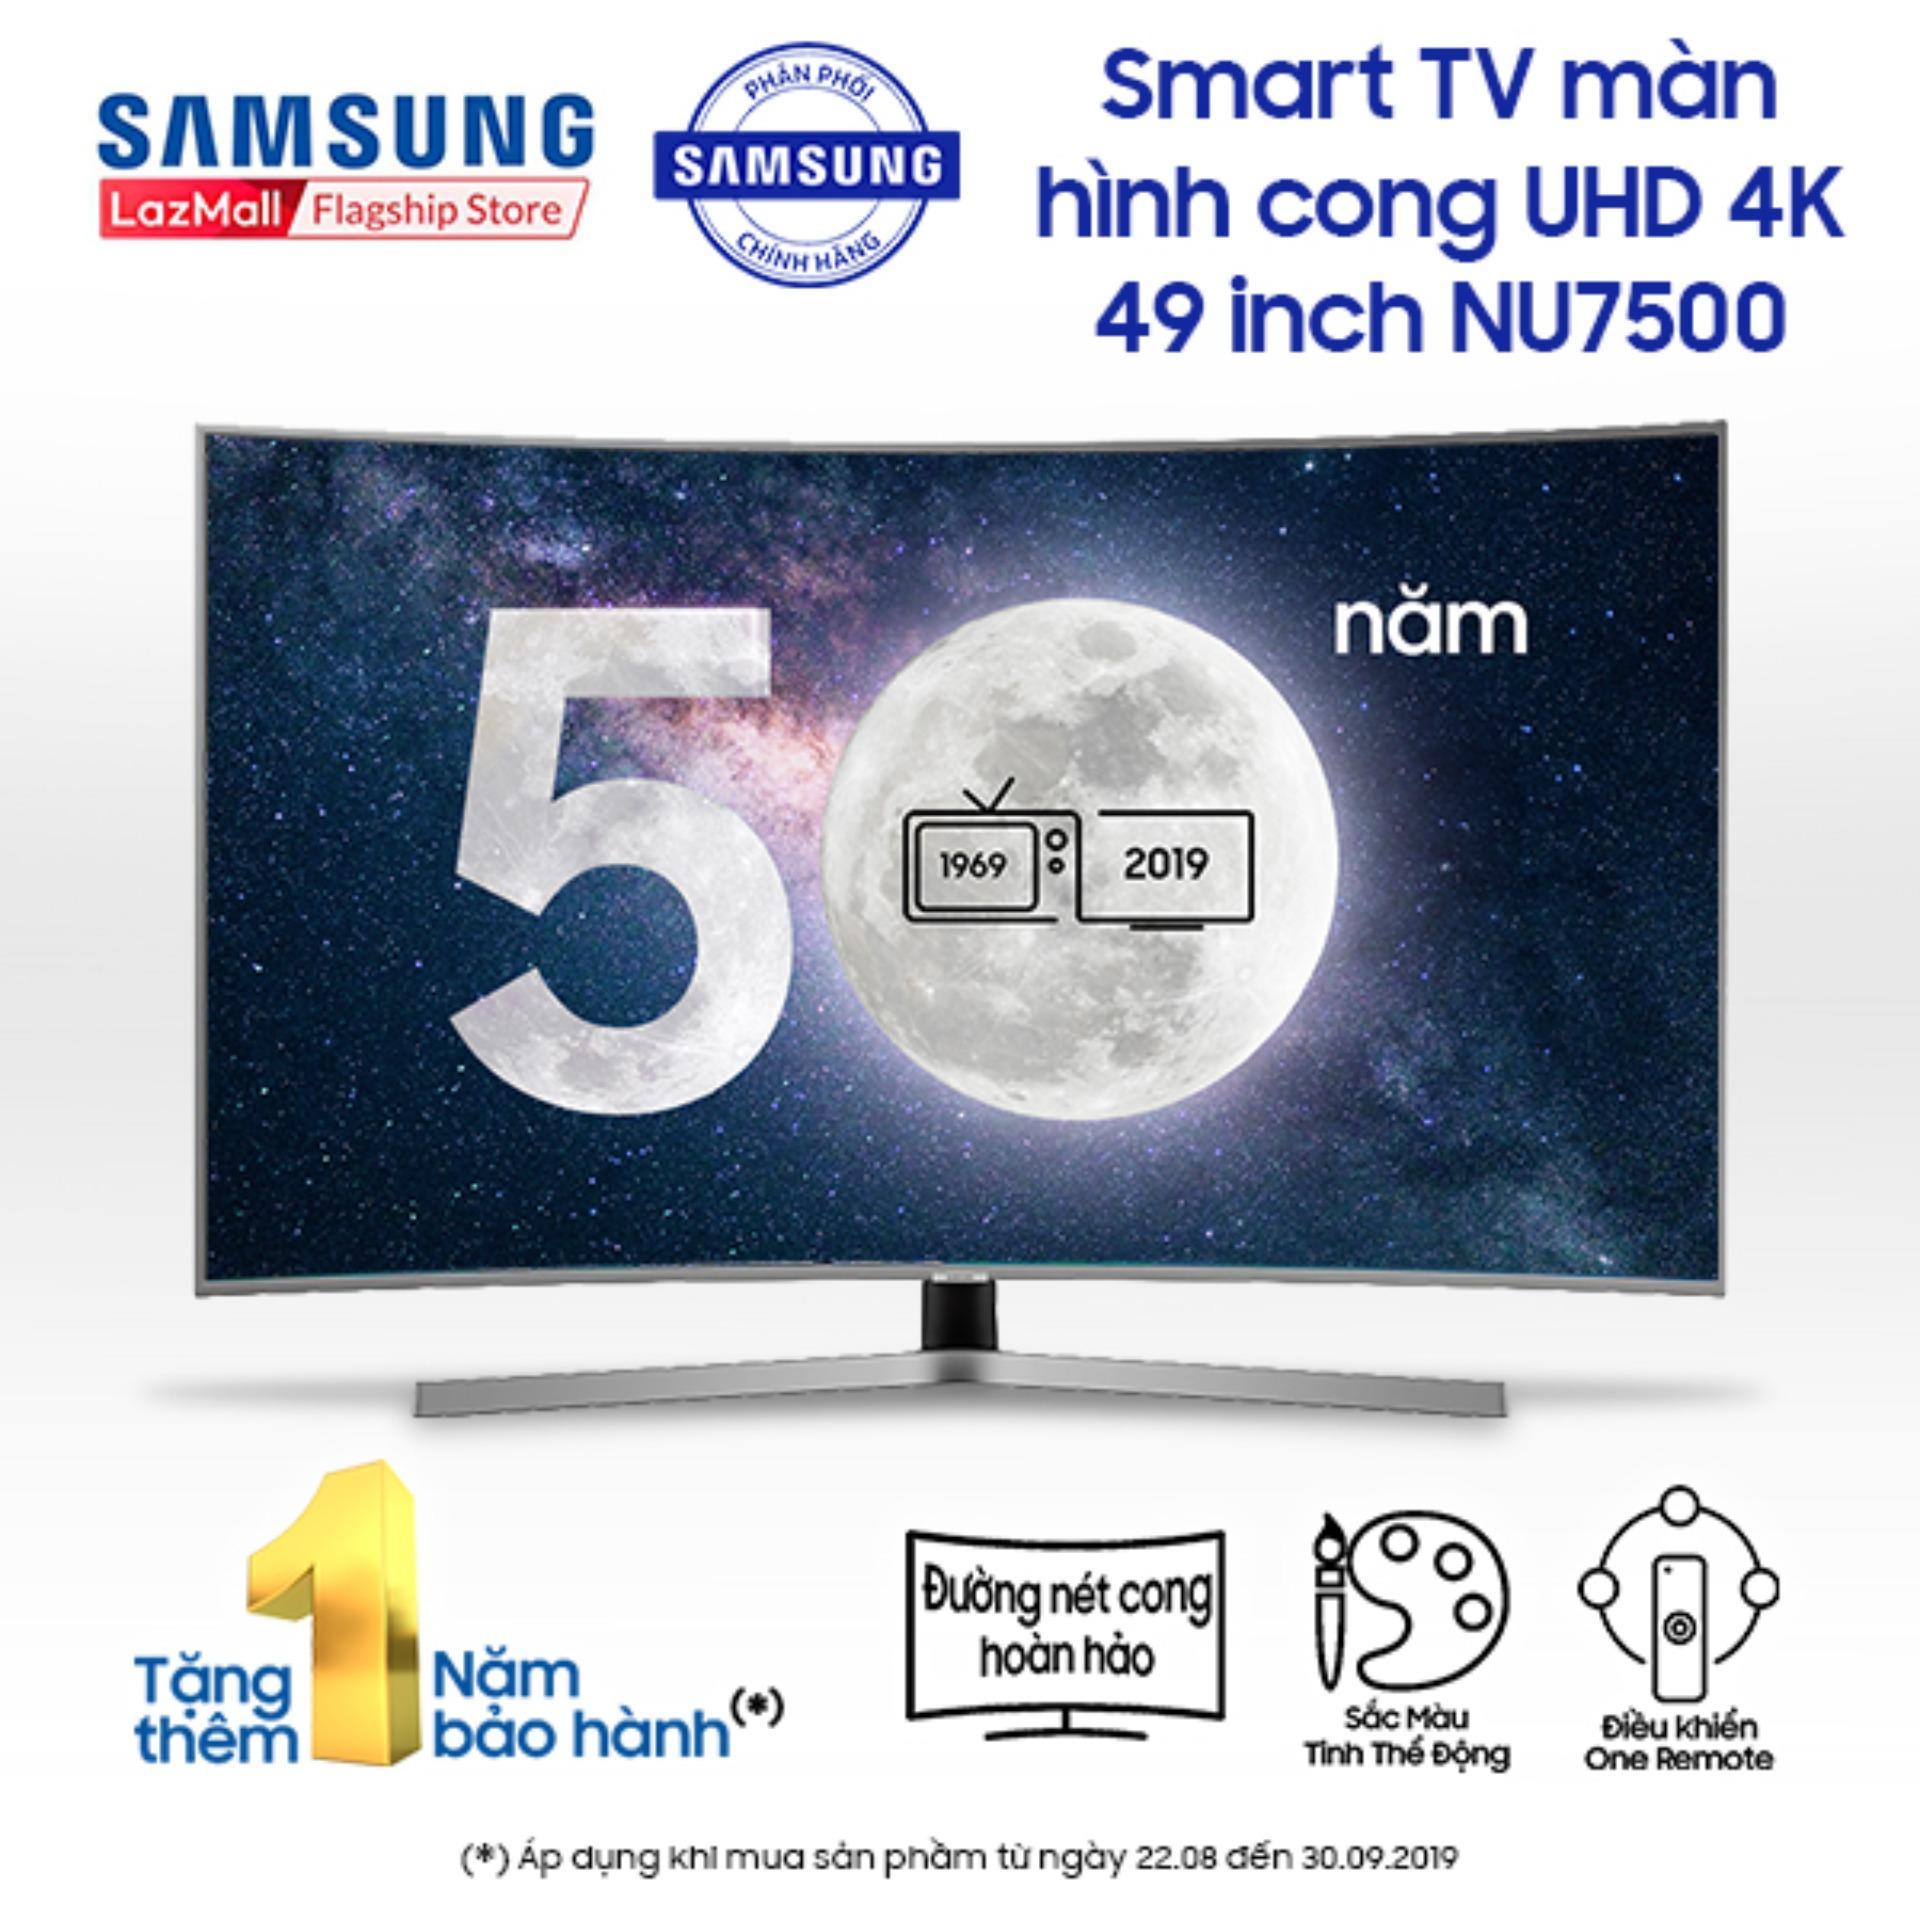 Smart TV Samsung LED màn hình cong 49inch 4K Ultra HD - Model UA49NU7500KXXV (Đen) - Công nghệ hình ảnh HDR, PurColour + Độ tương phản cải tiến UHD Dimming + Kết nối với thiết bị di động + Steam Link - Hãng phân phối chính thức